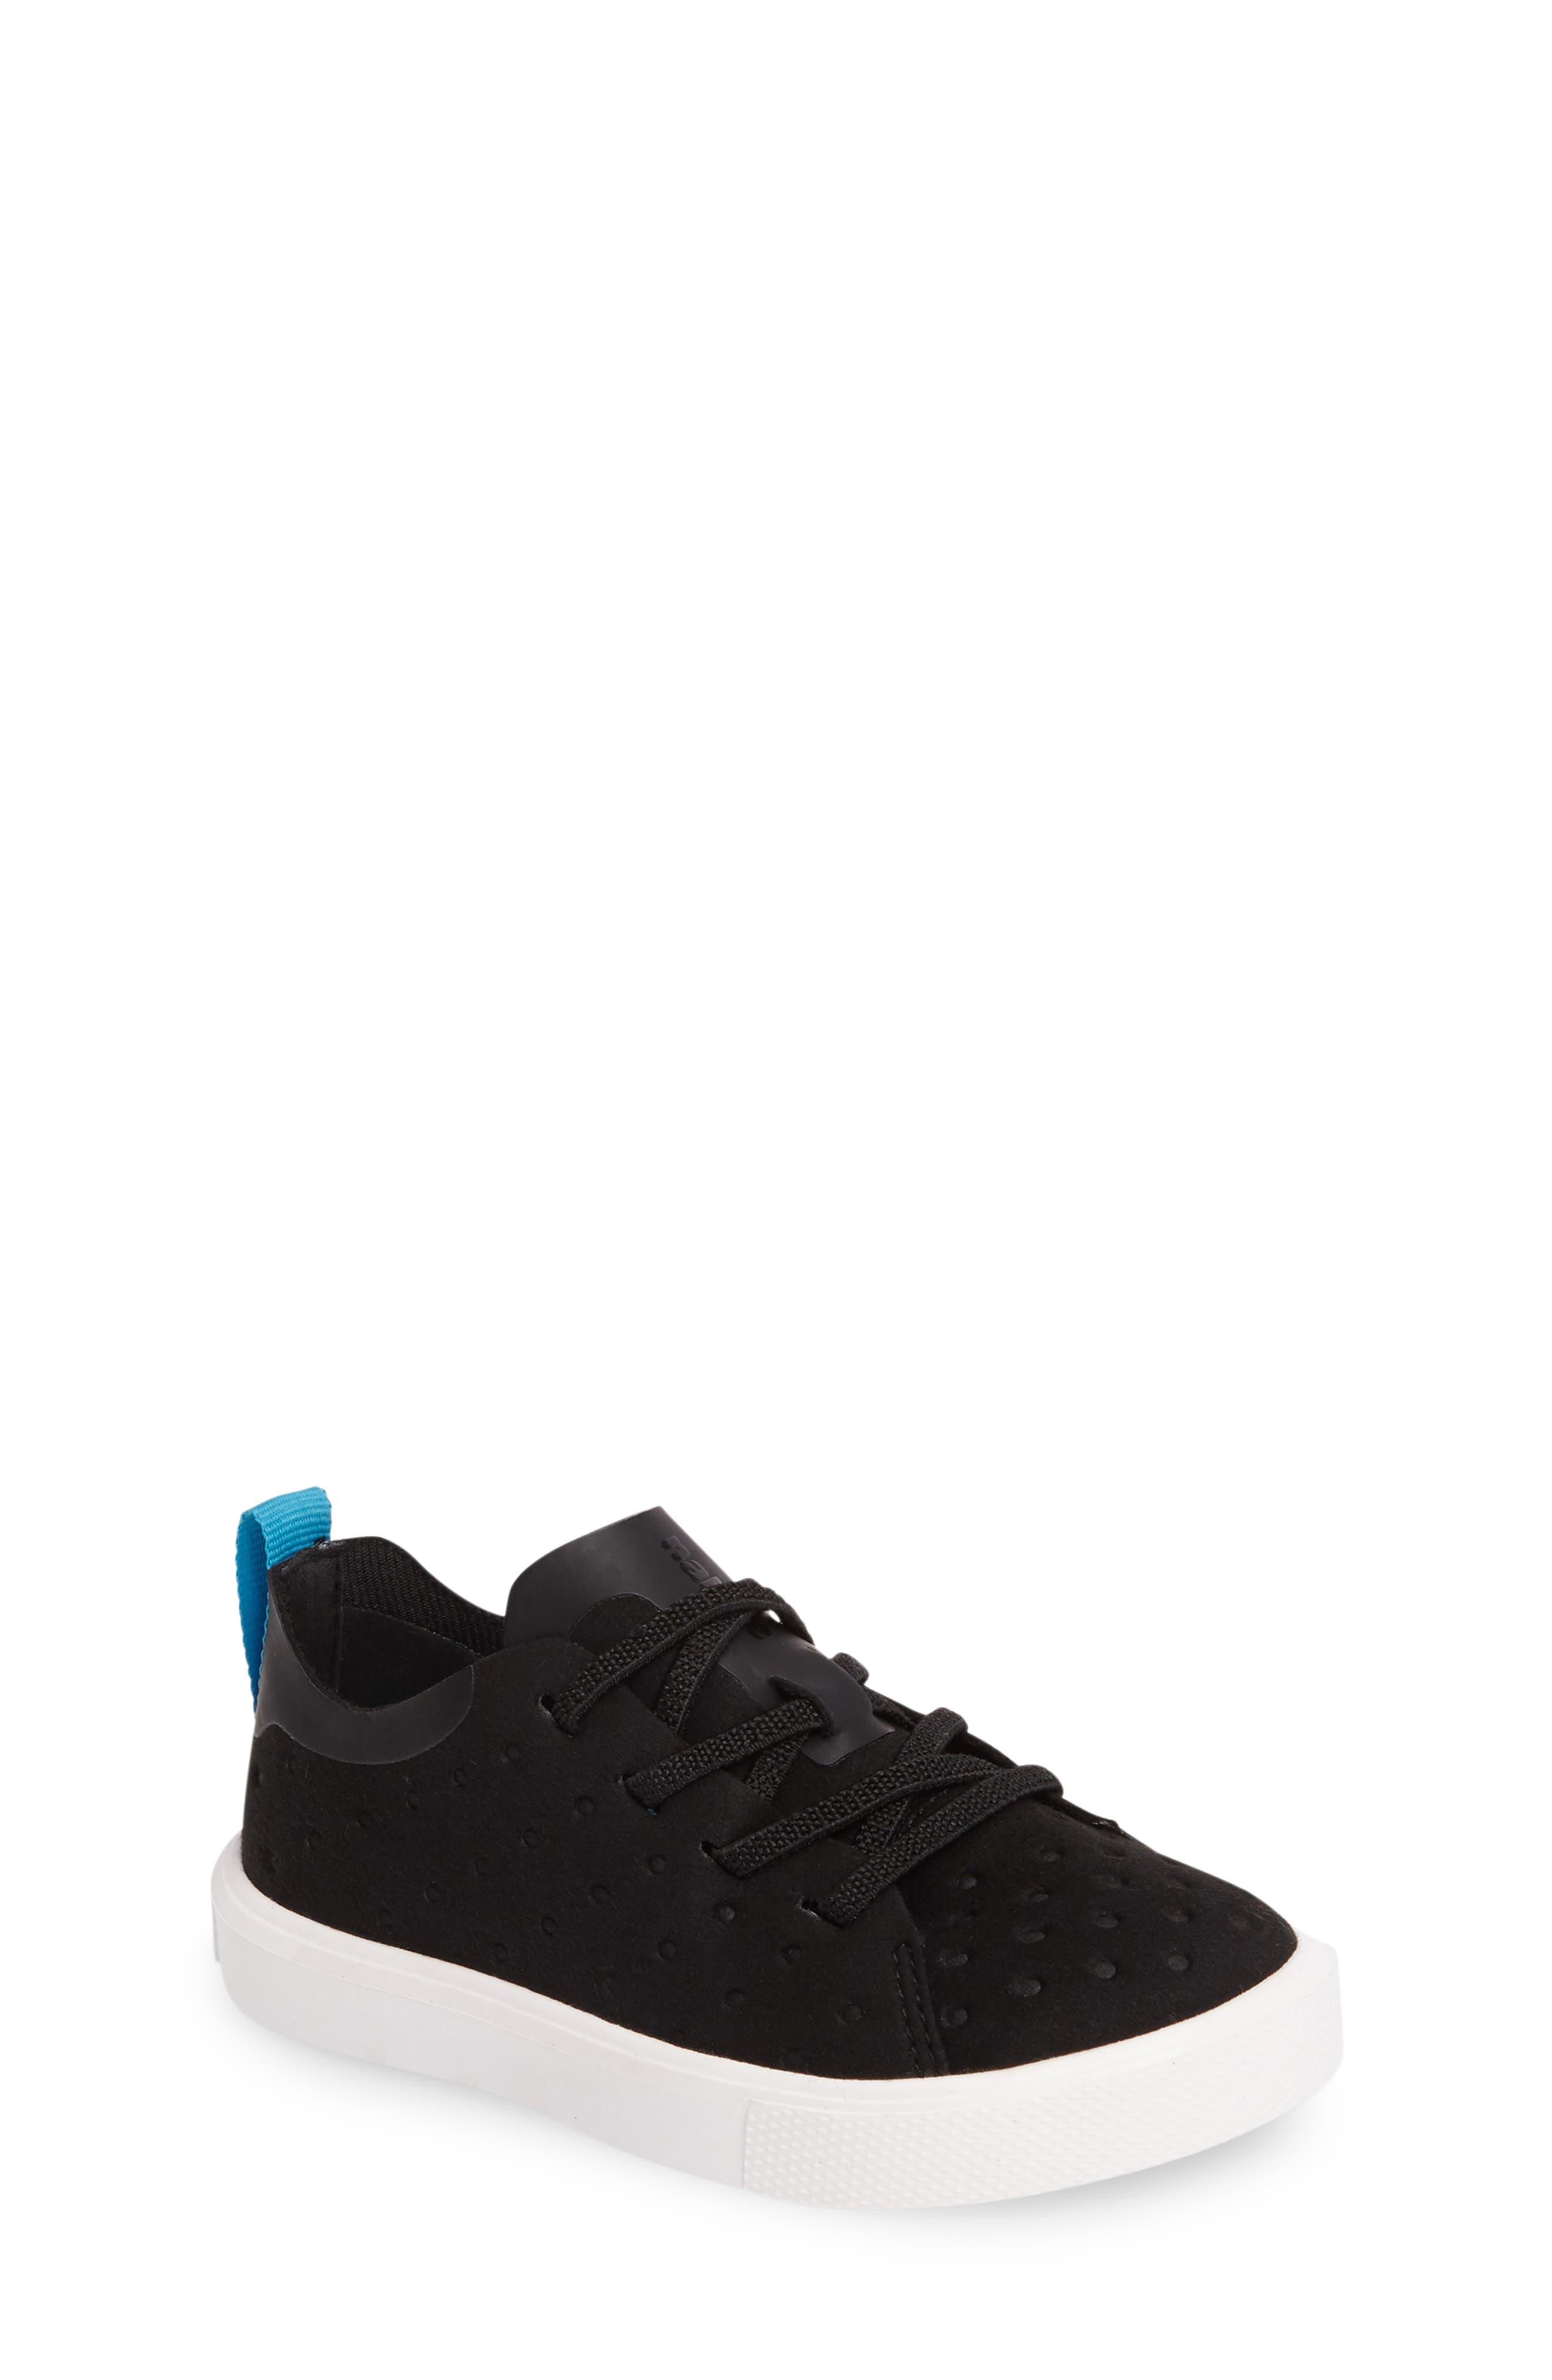 Monaco Sneaker,                         Main,                         color, 004